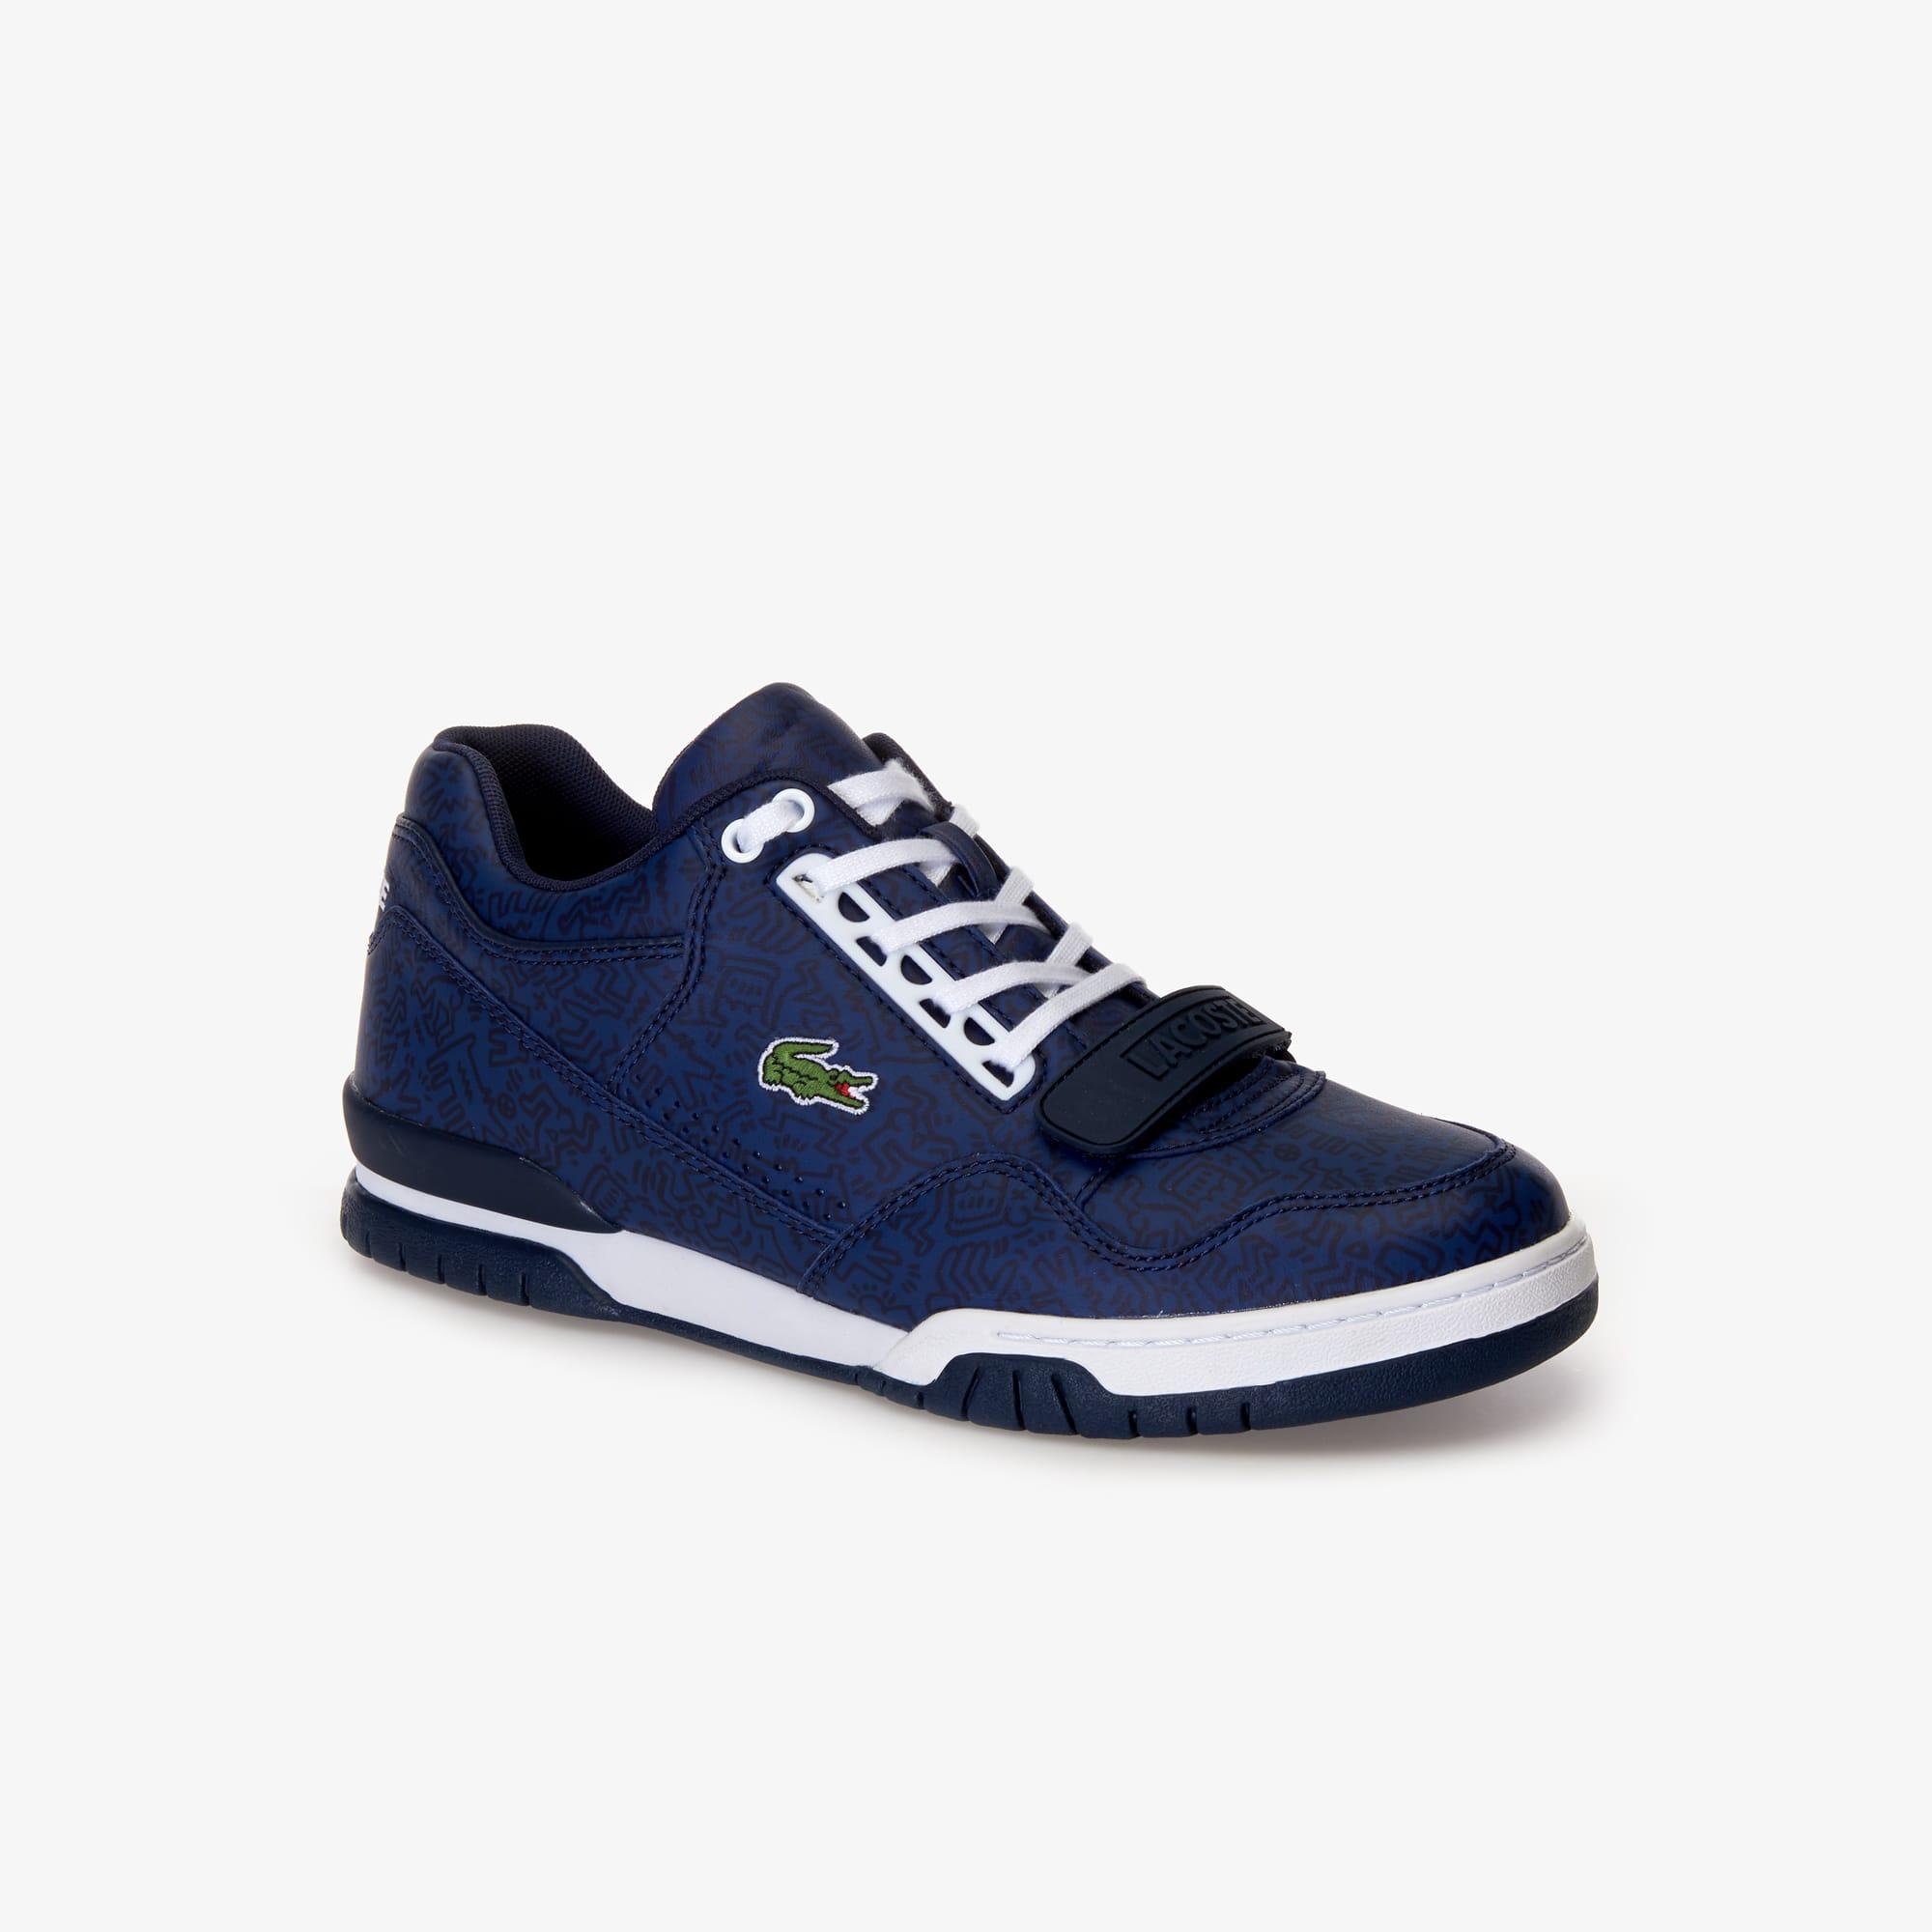 567bc00495 Men's Shoes | Shoes for Men | LACOSTE